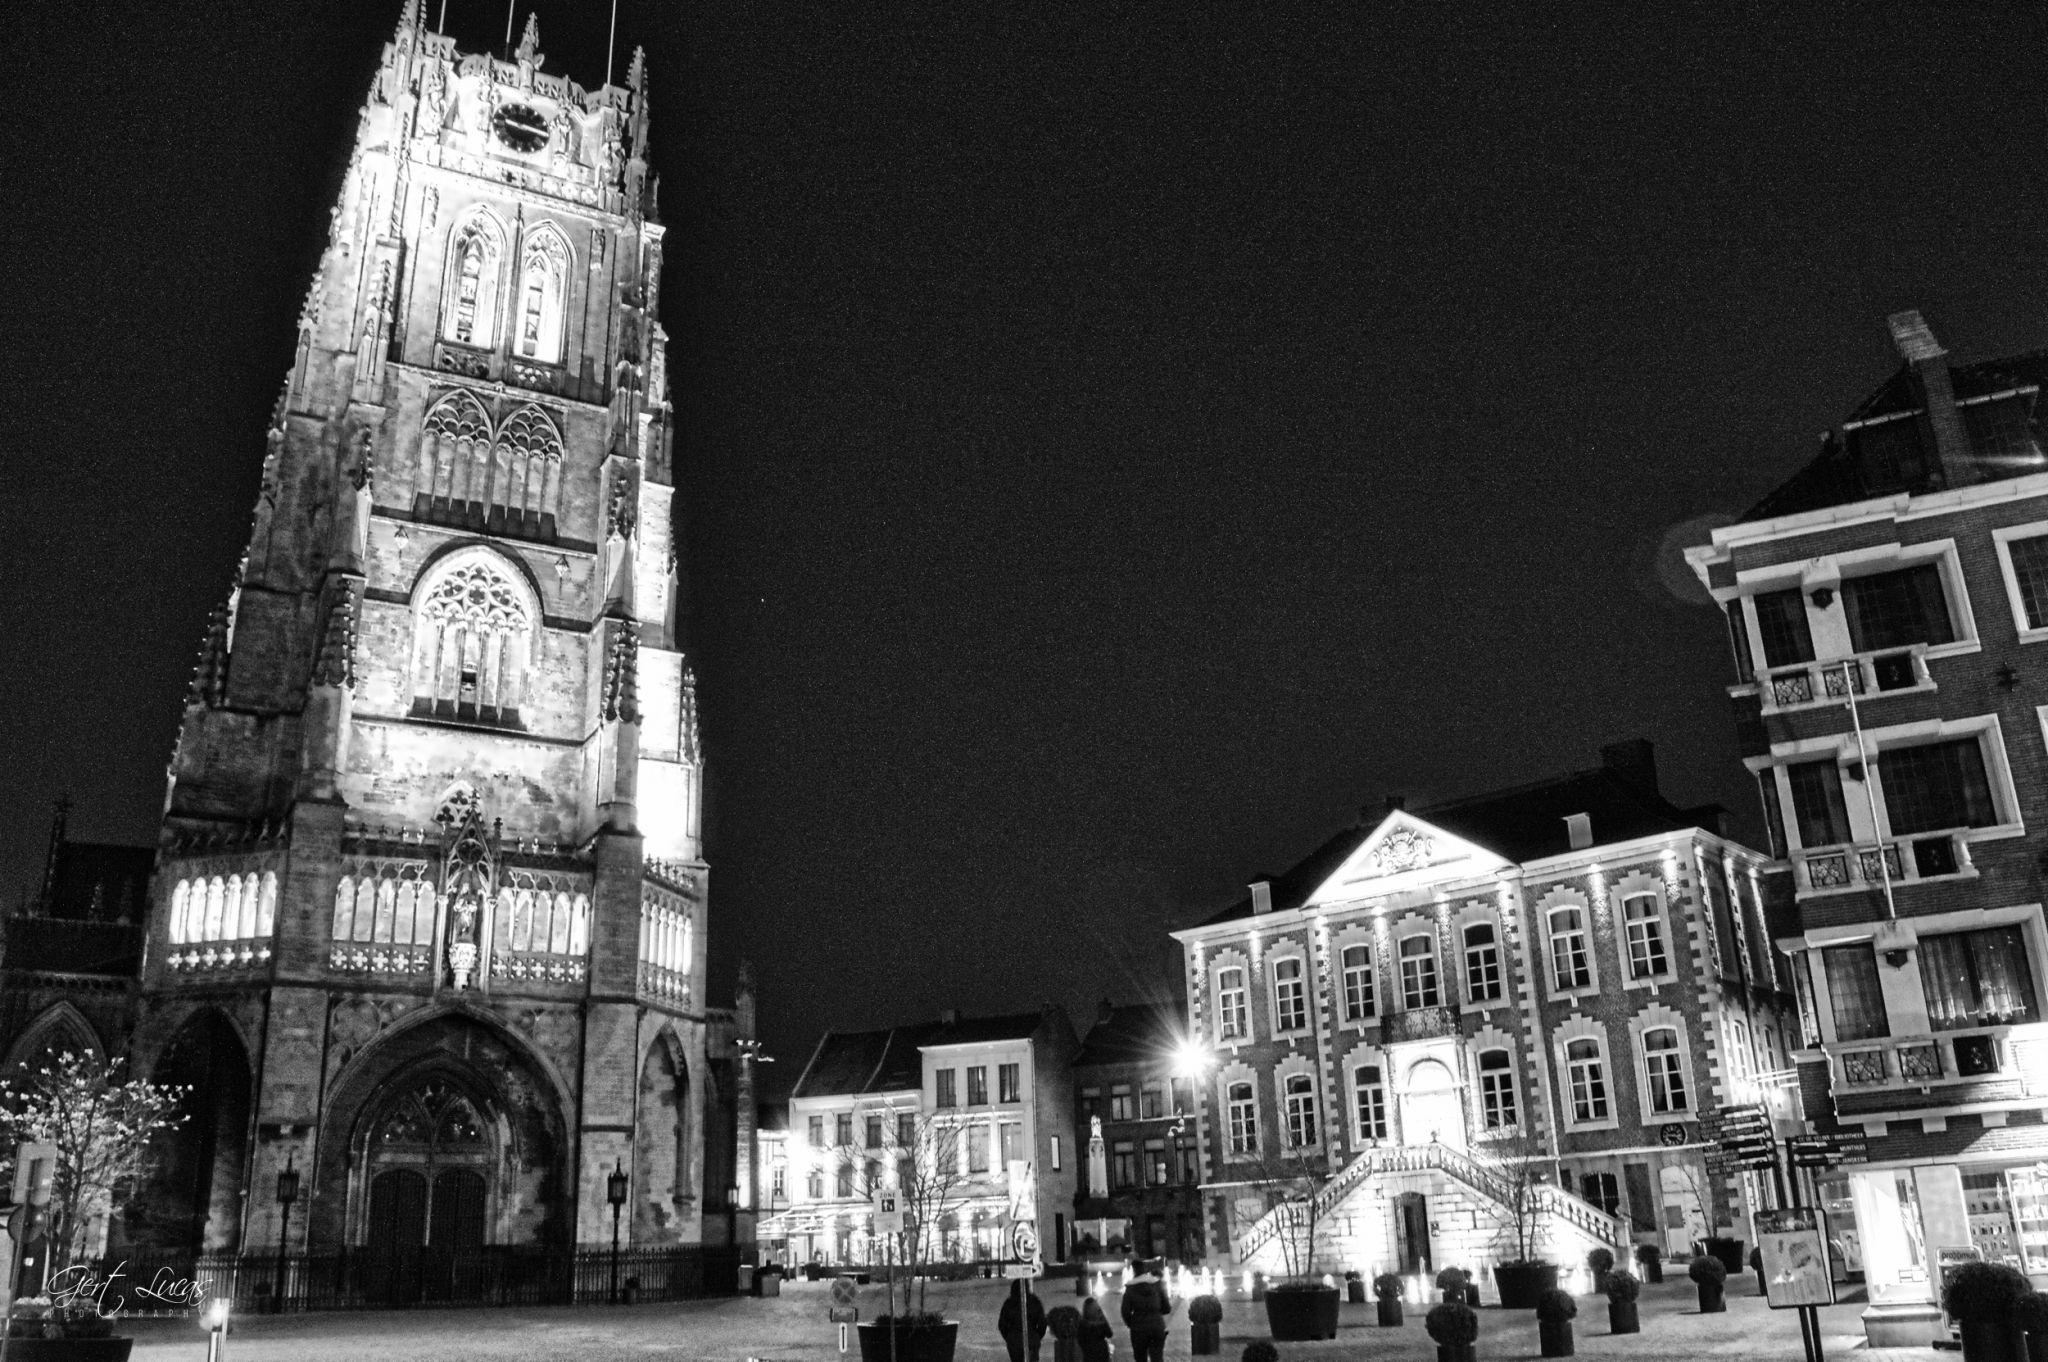 Tongeren central plaza, Belgium